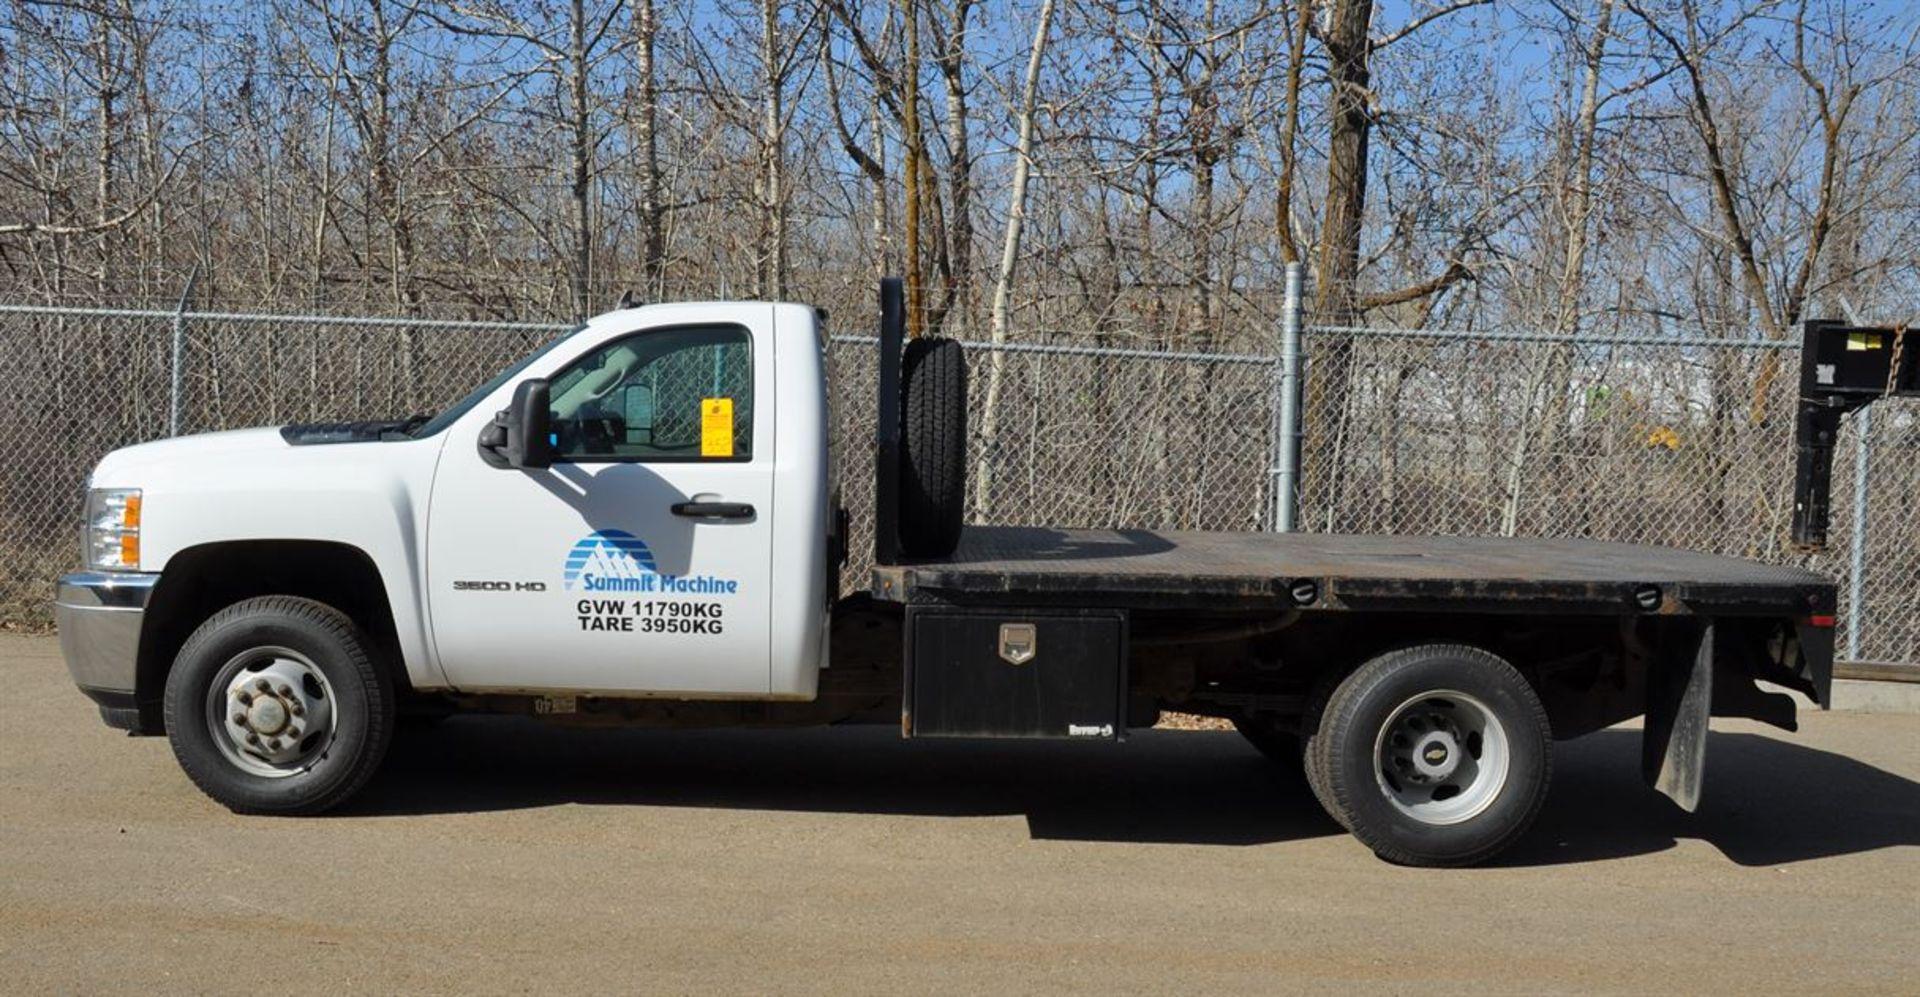 2012 CHEVROLET SILVERADO 3500 HD Flat Deck Dually Truck, VIN 1GB3KZCGXCF155813, w/ VORTEX Engine,